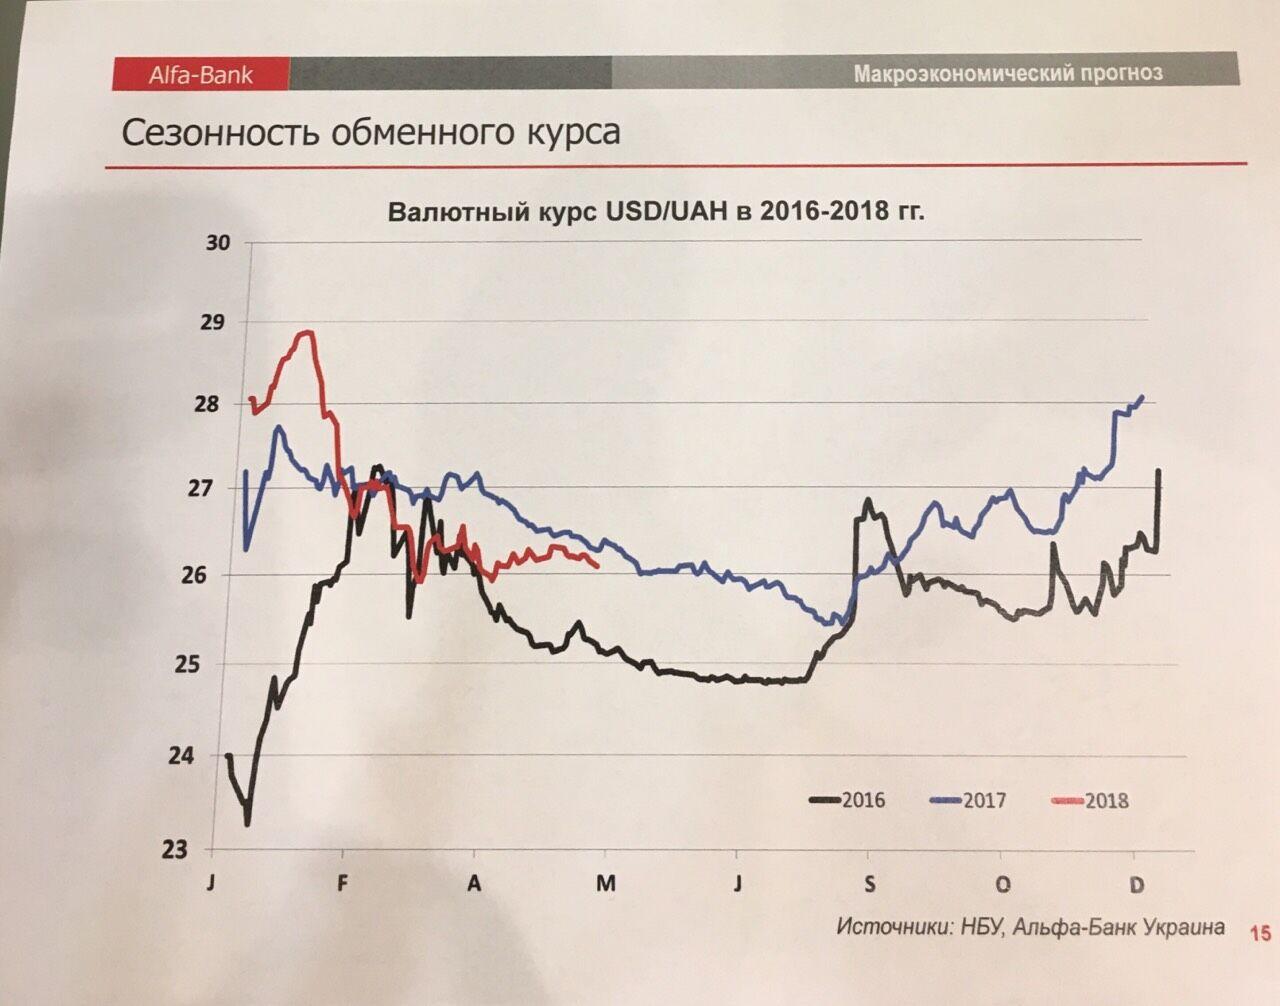 Графік сезонності обмінного курсу за останні три роки